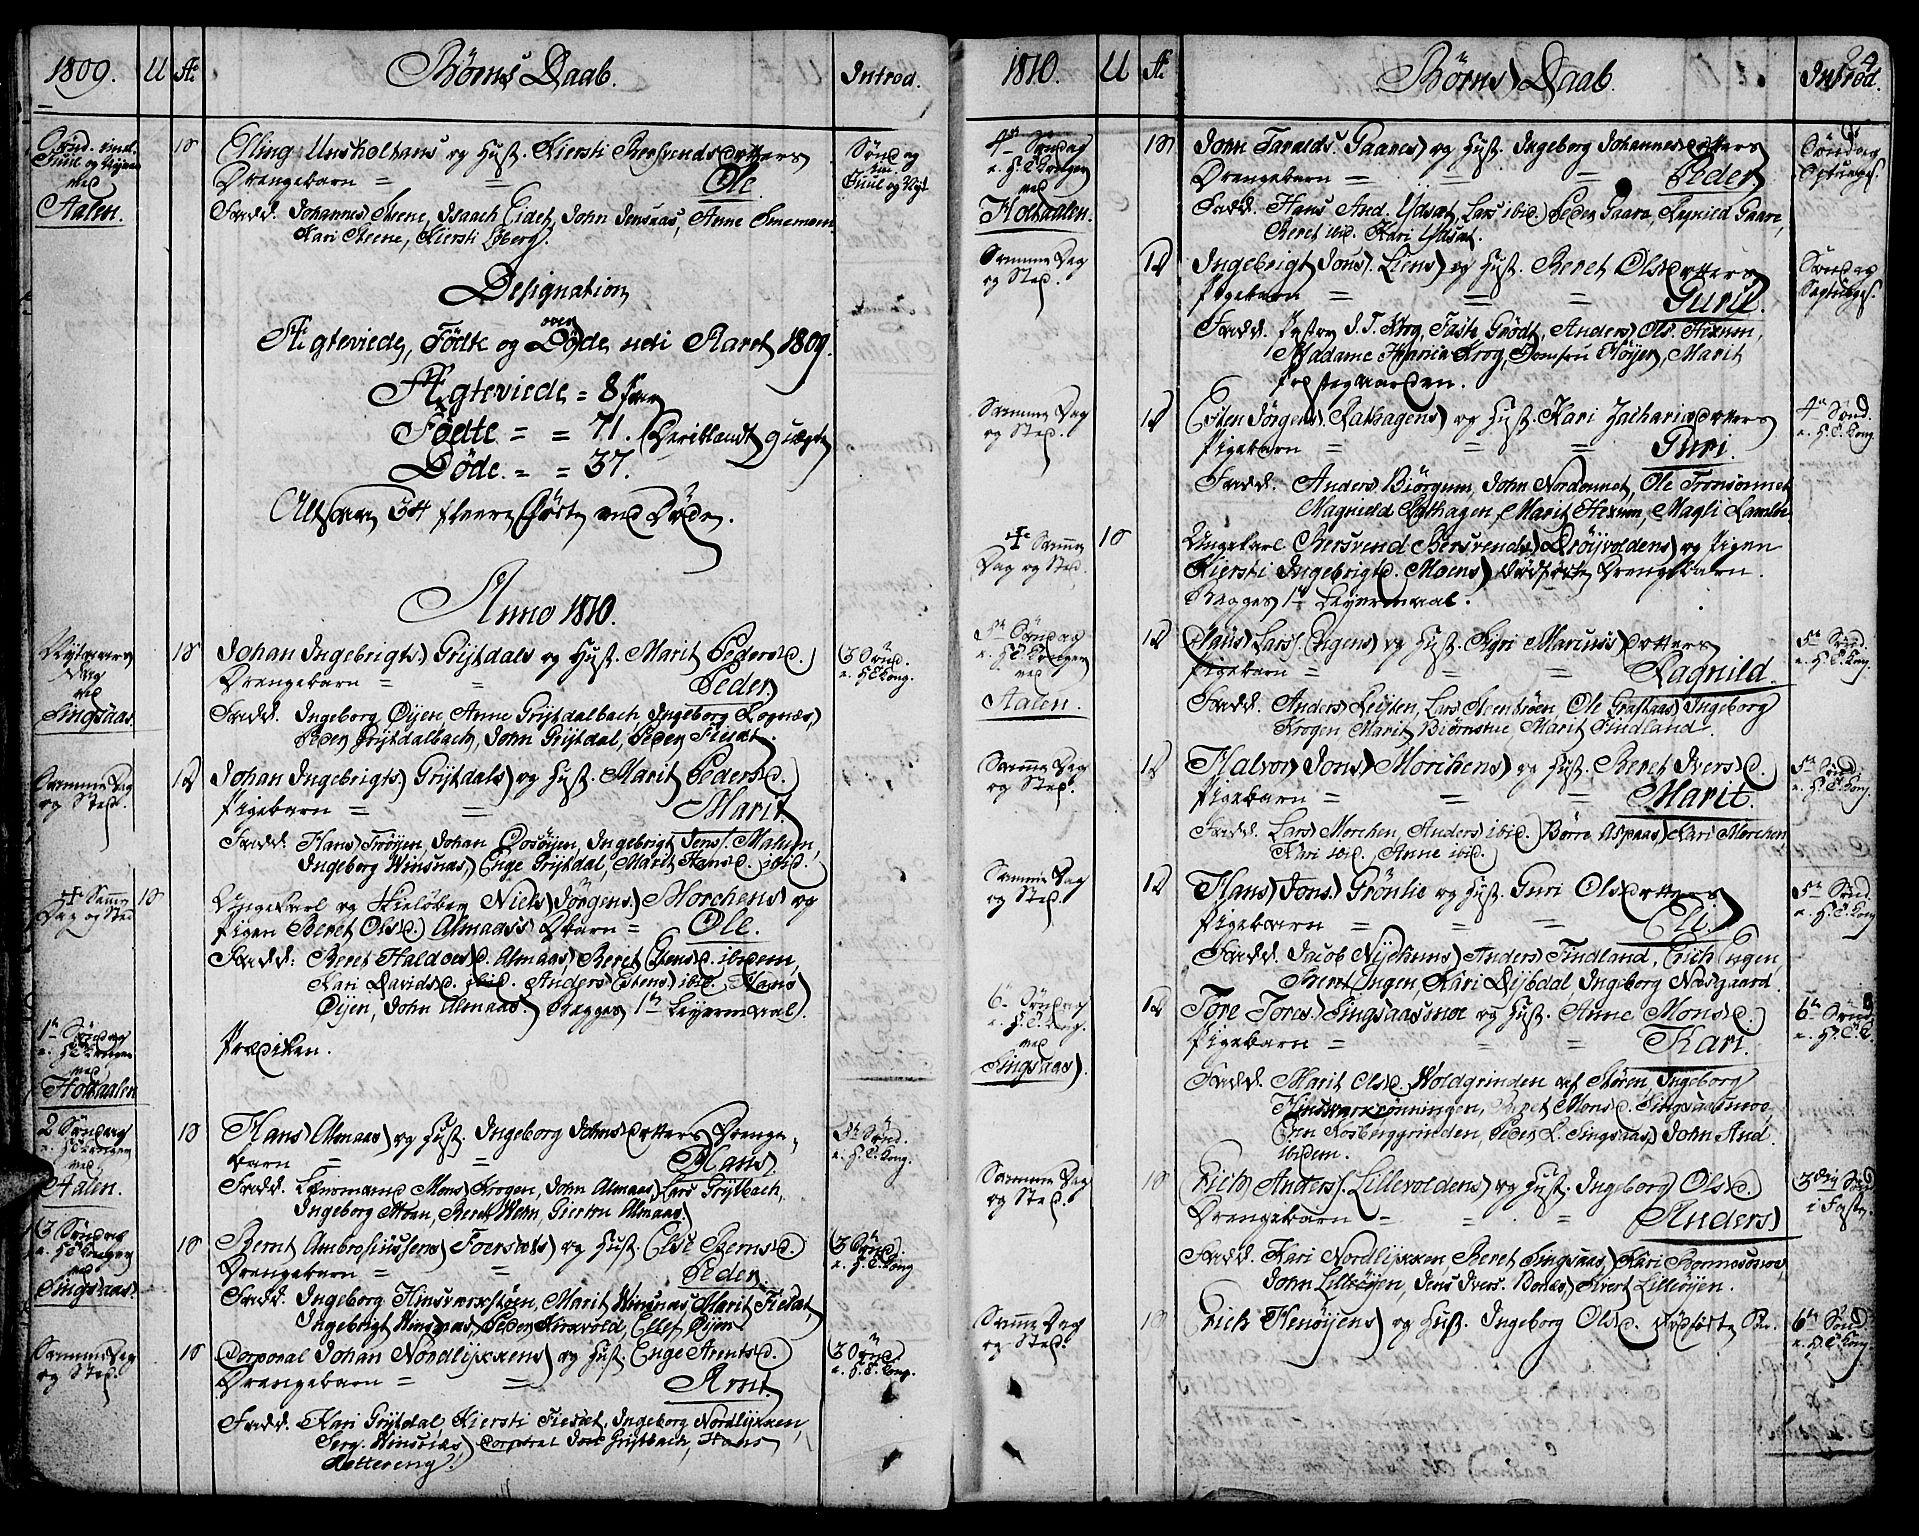 SAT, Ministerialprotokoller, klokkerbøker og fødselsregistre - Sør-Trøndelag, 685/L0953: Ministerialbok nr. 685A02, 1805-1816, s. 24